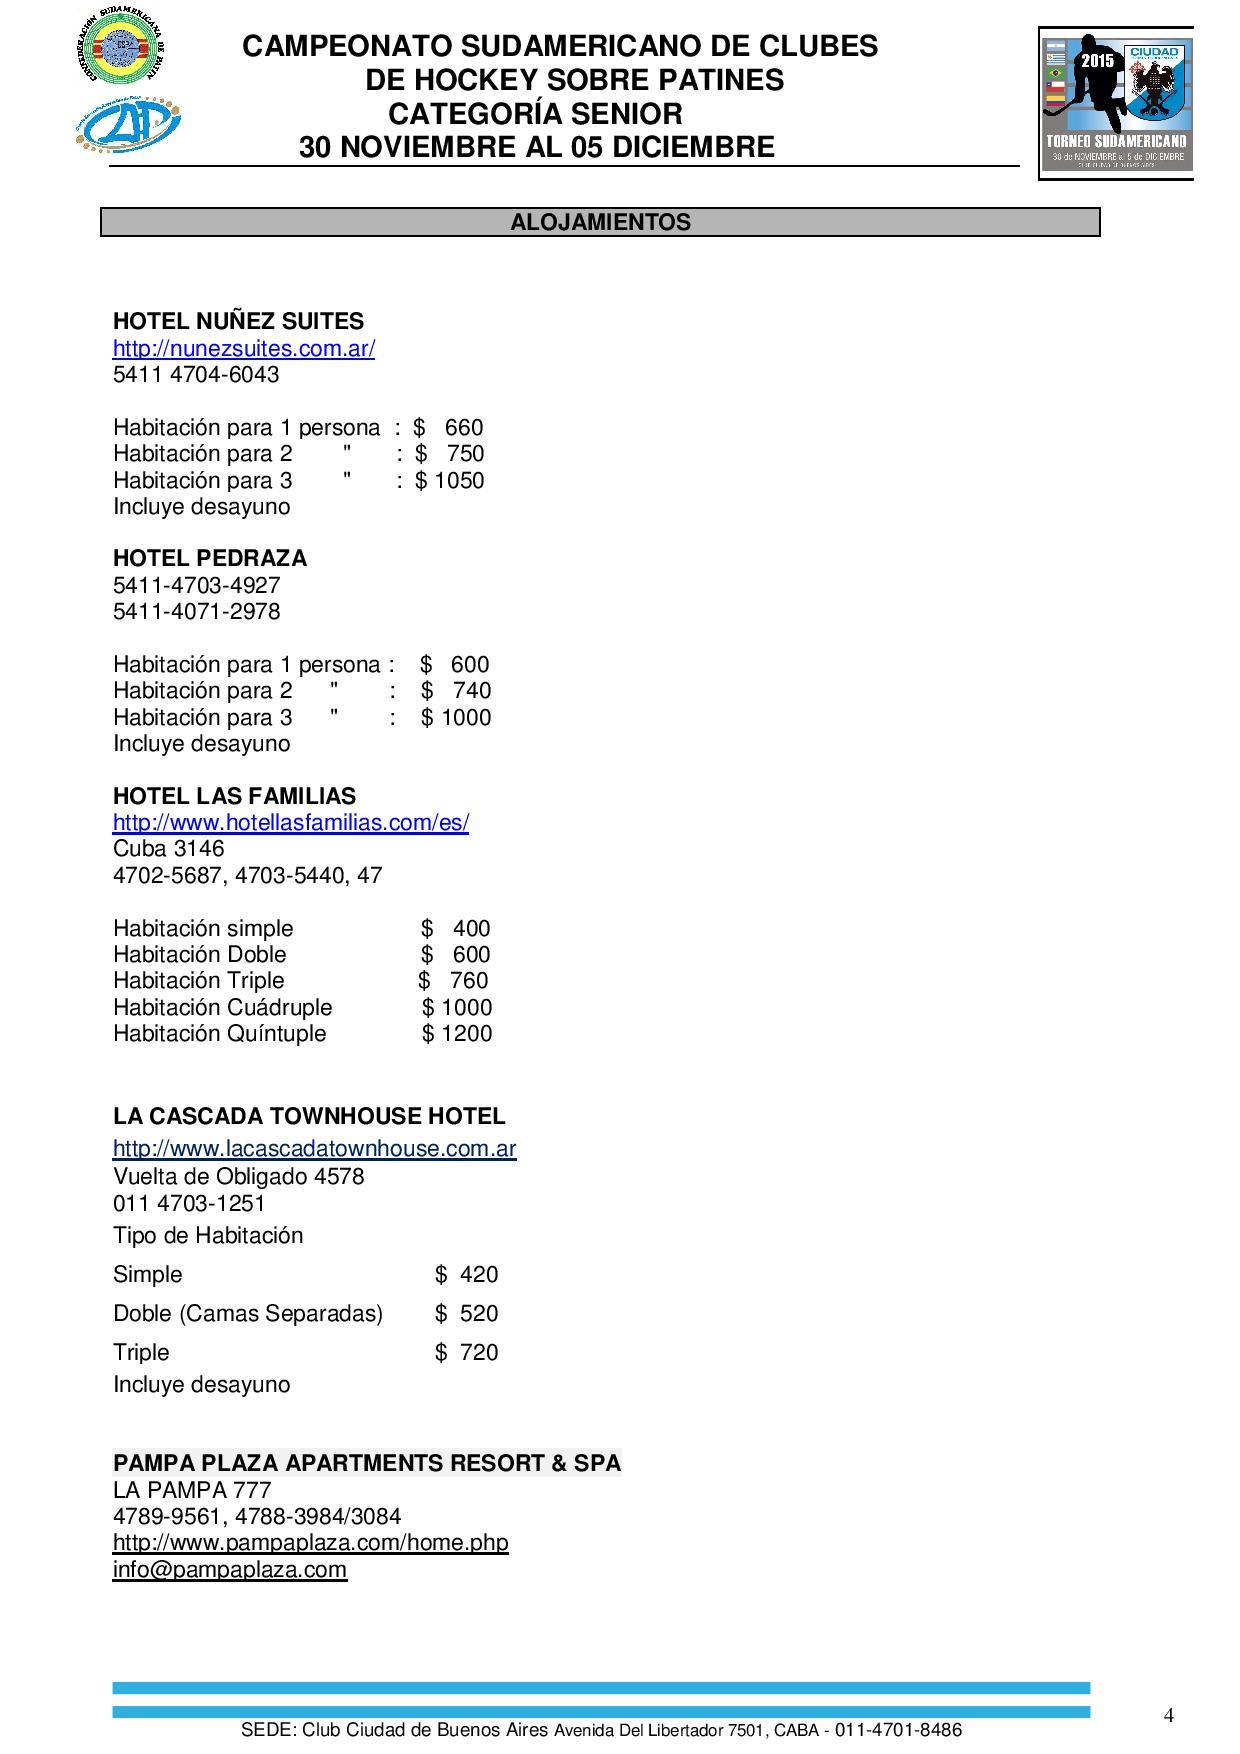 CARPETA CAMPEONATO SUDAMERICANO DE CLUBES HSP 2015-page-004